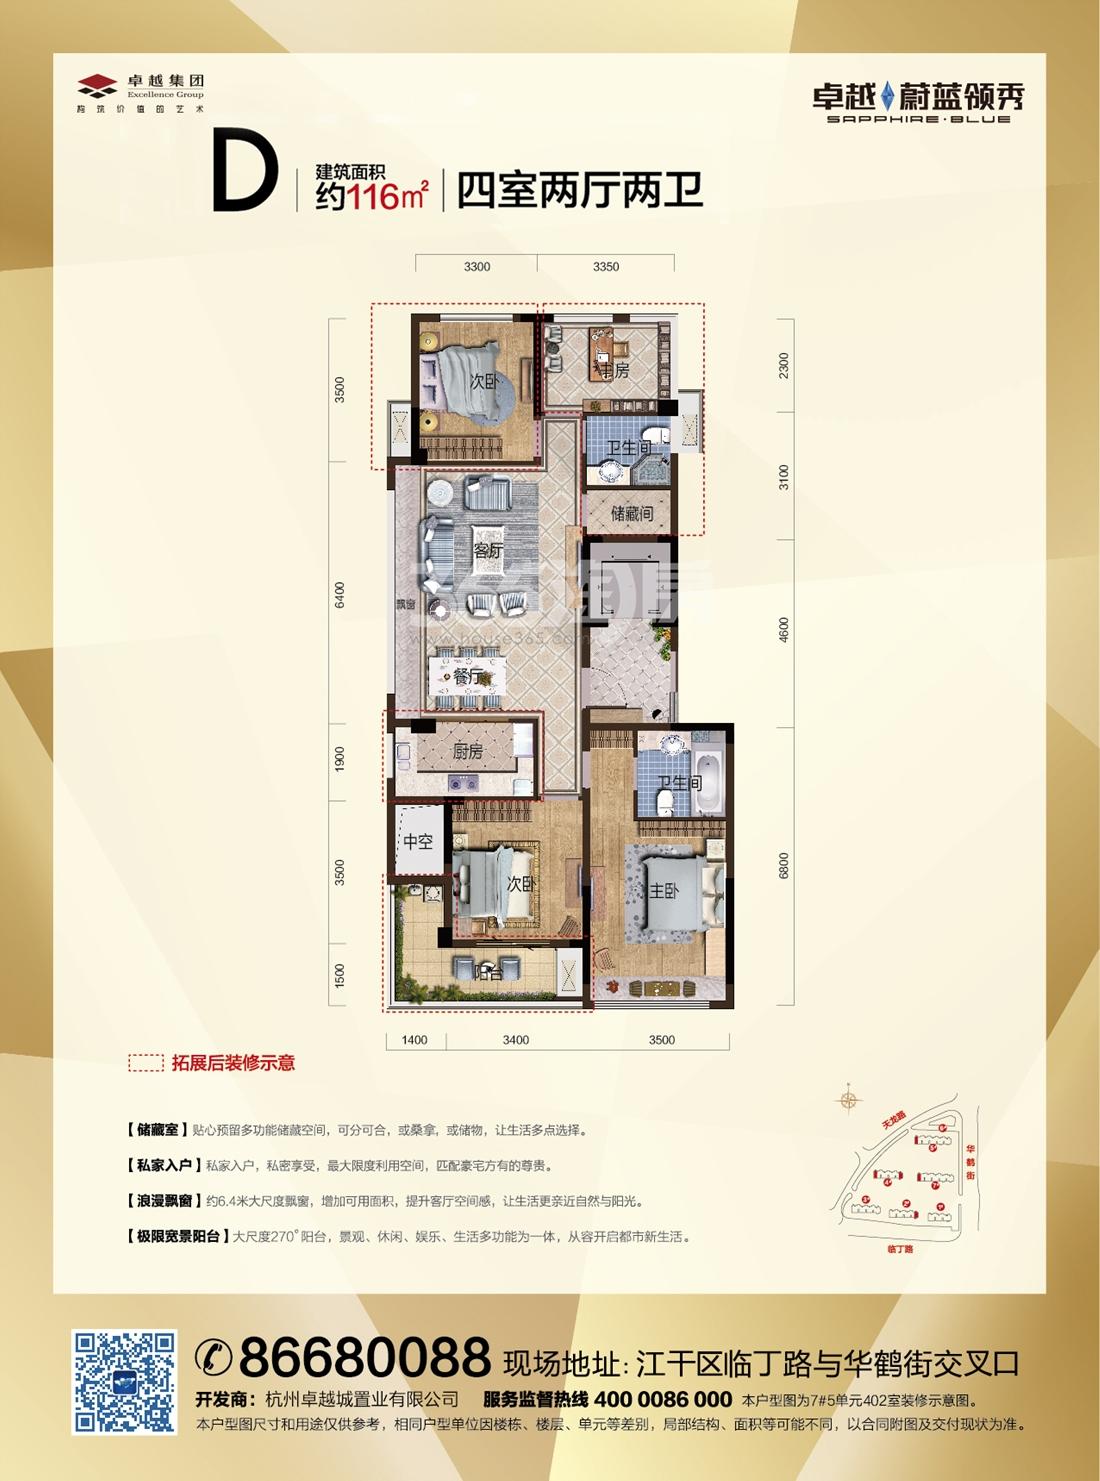 卓越蔚蓝领秀一期D户型116方(2、4、5、7号楼)